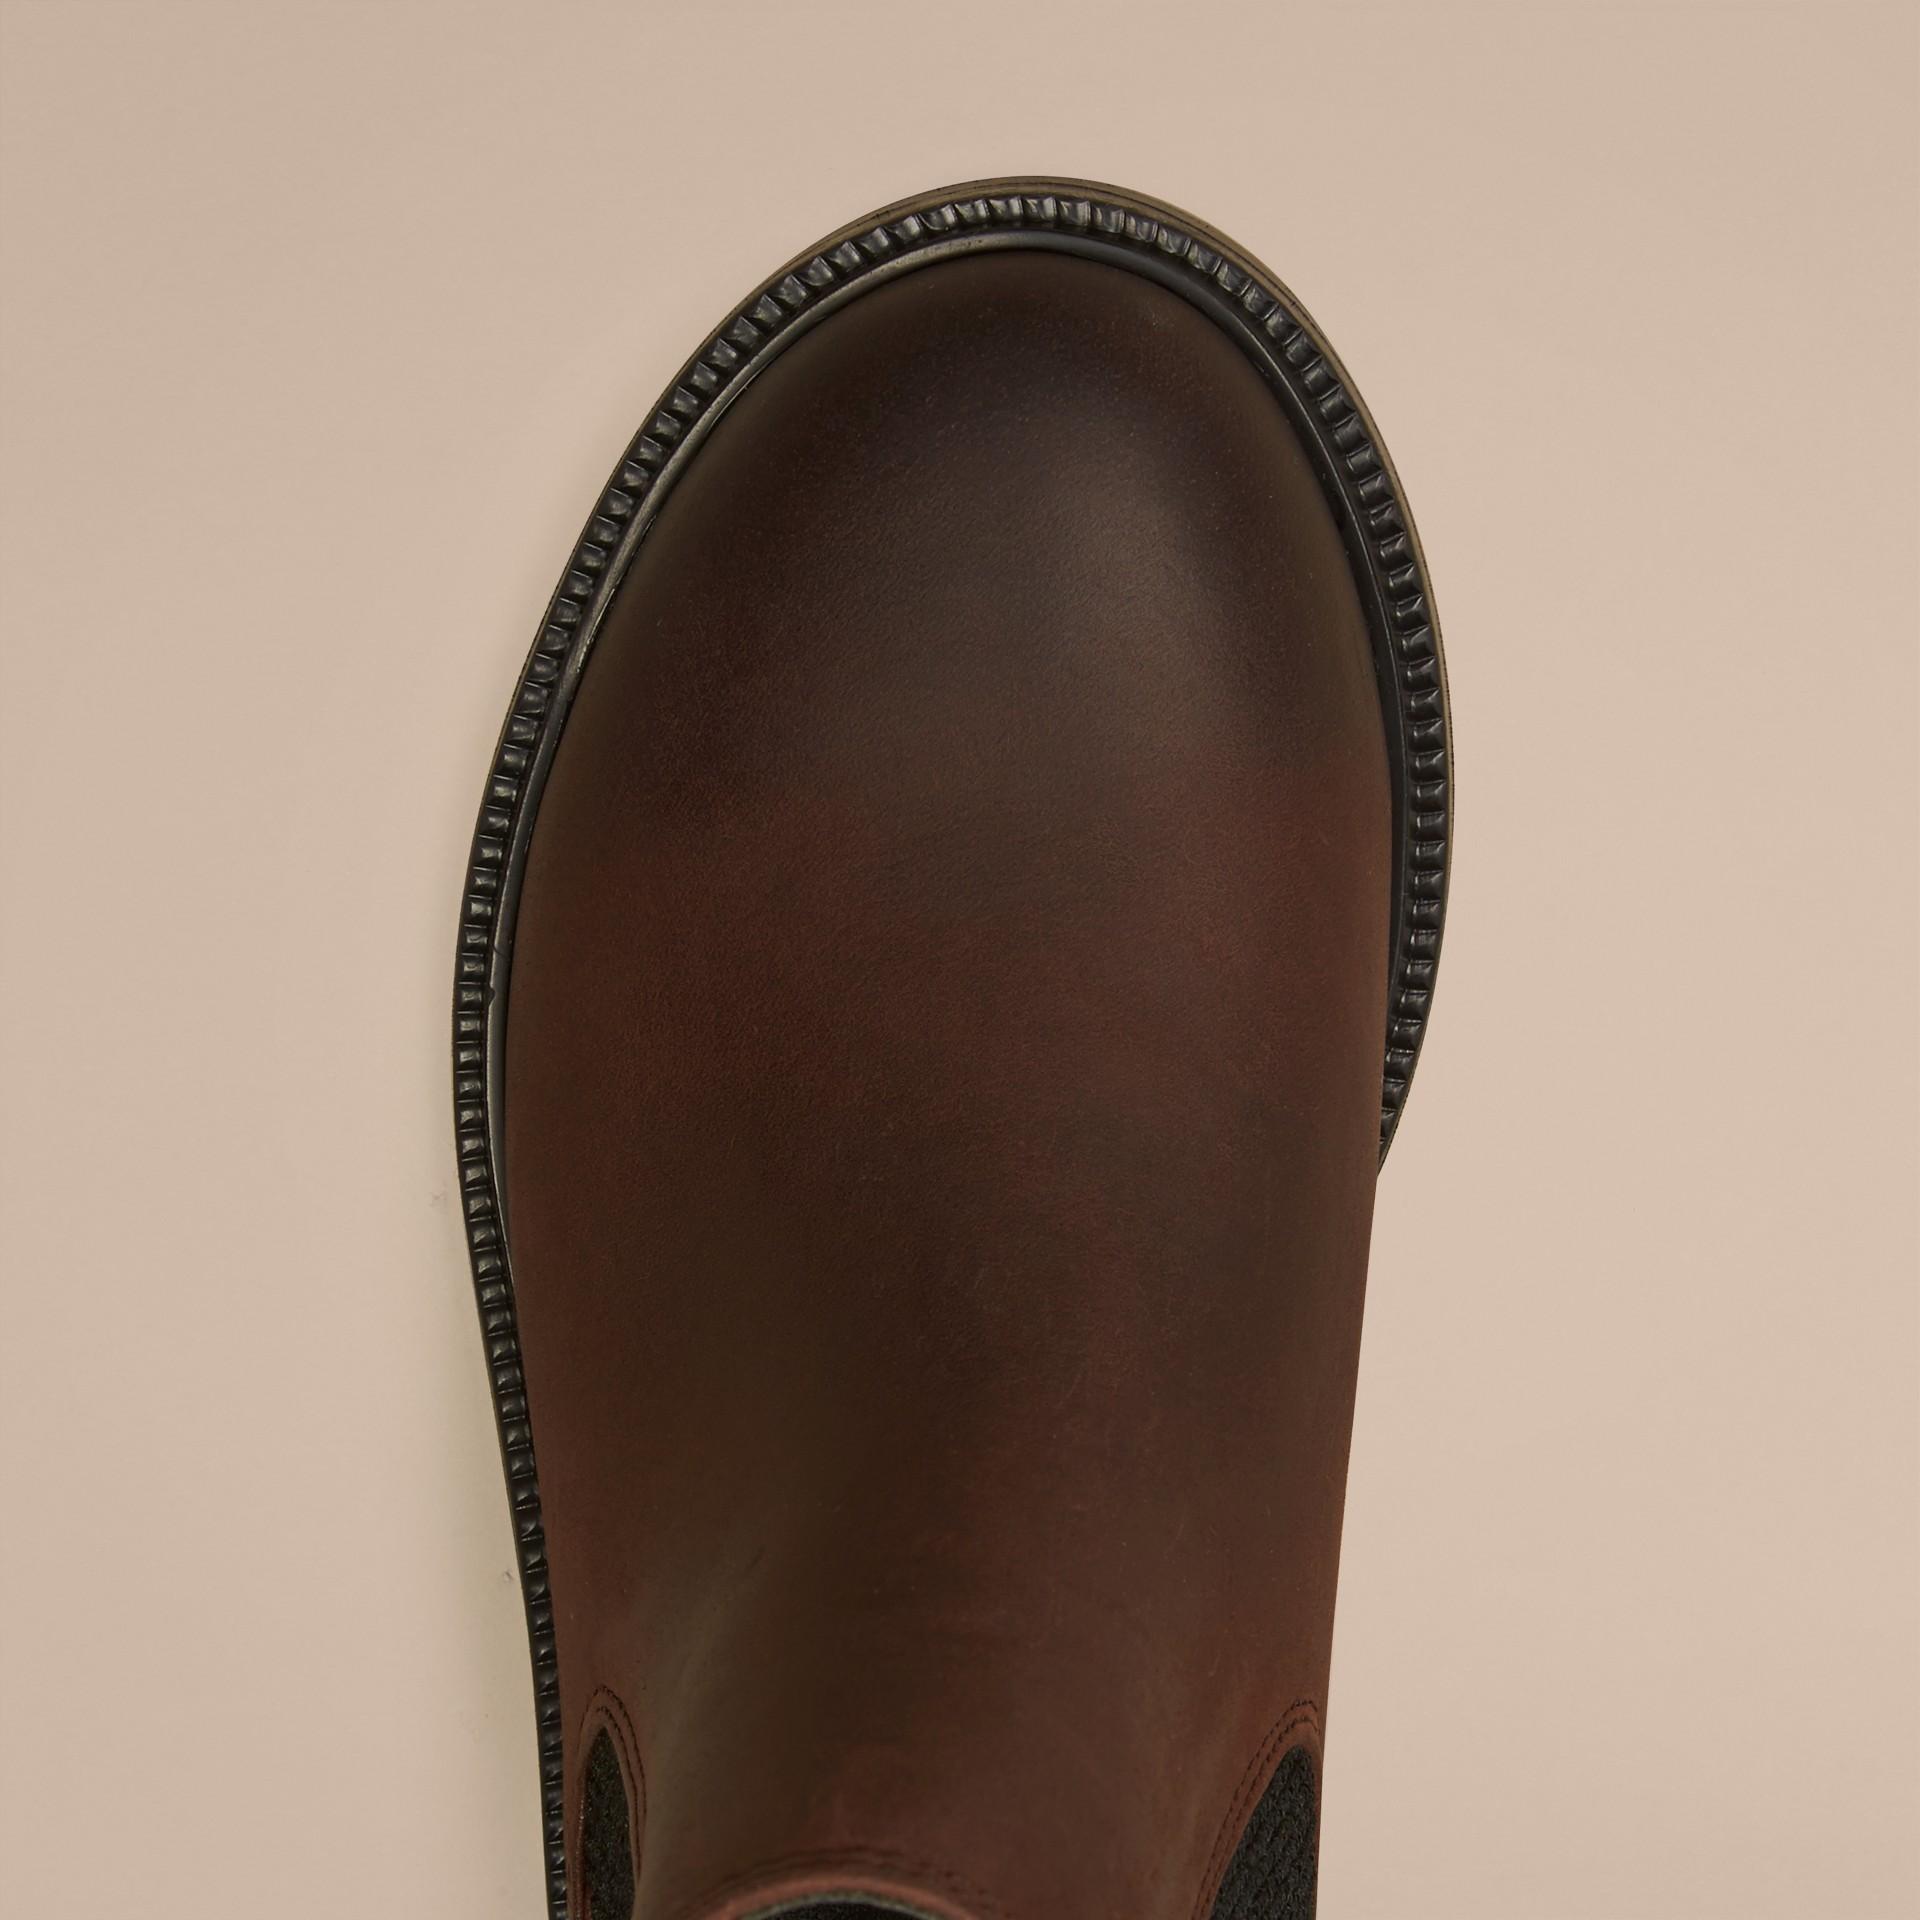 Edelschokoladenbraun Chelsea-Stiefel aus Leder - Galerie-Bild 3